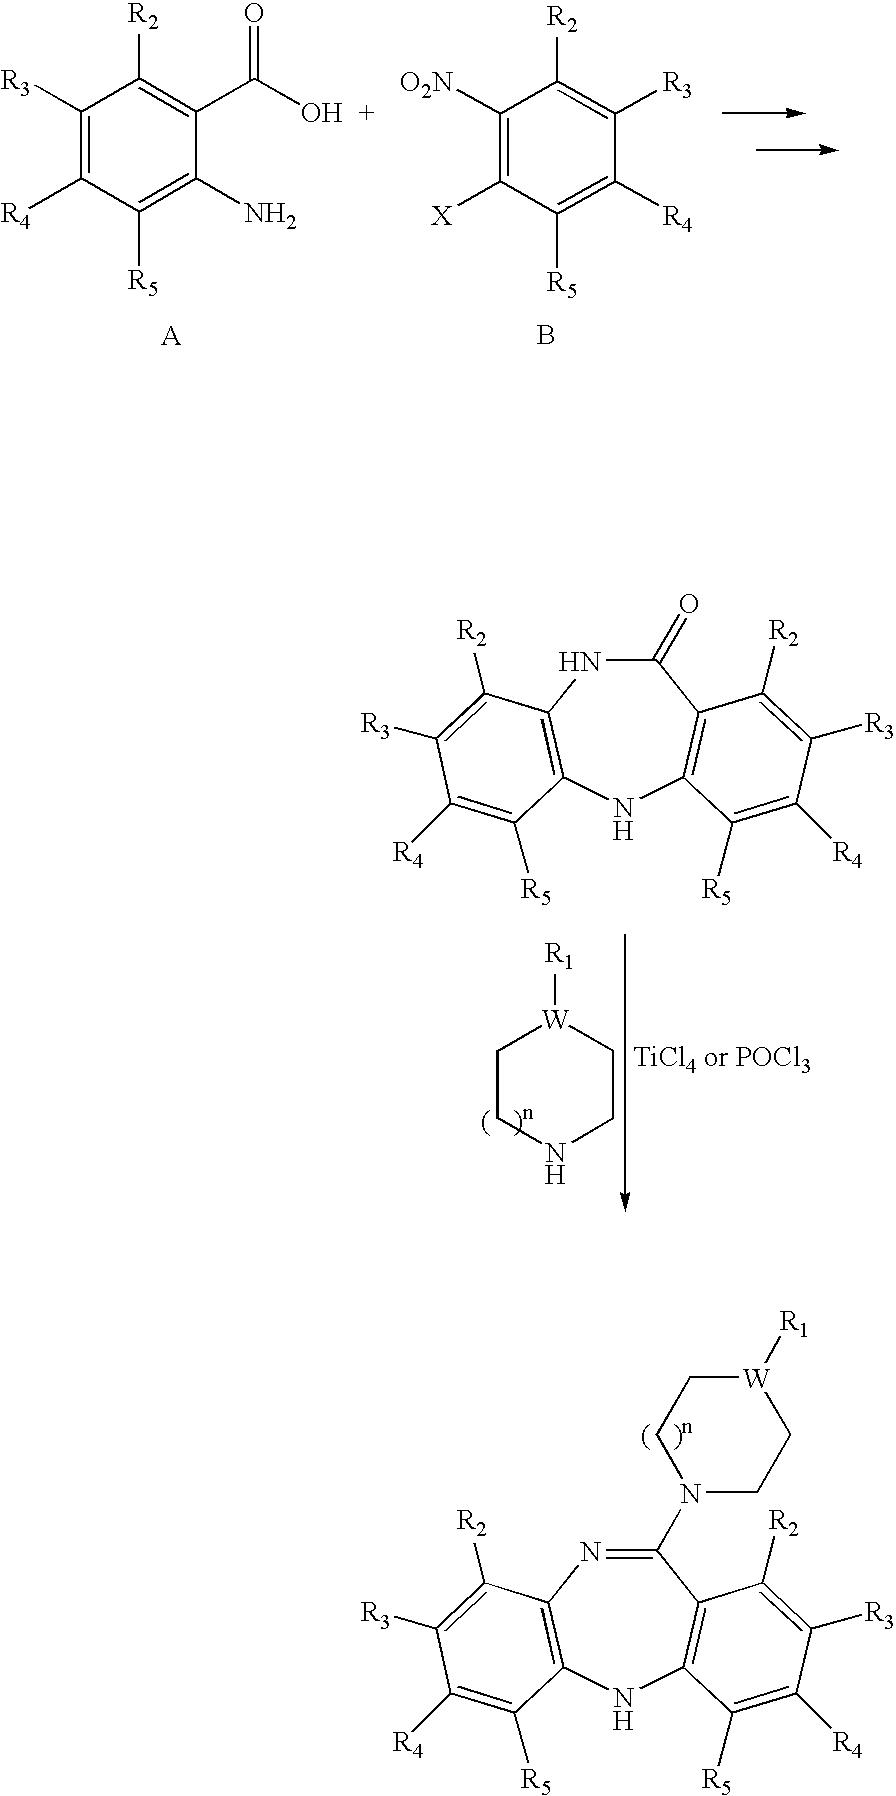 Figure US20060252744A1-20061109-C00020